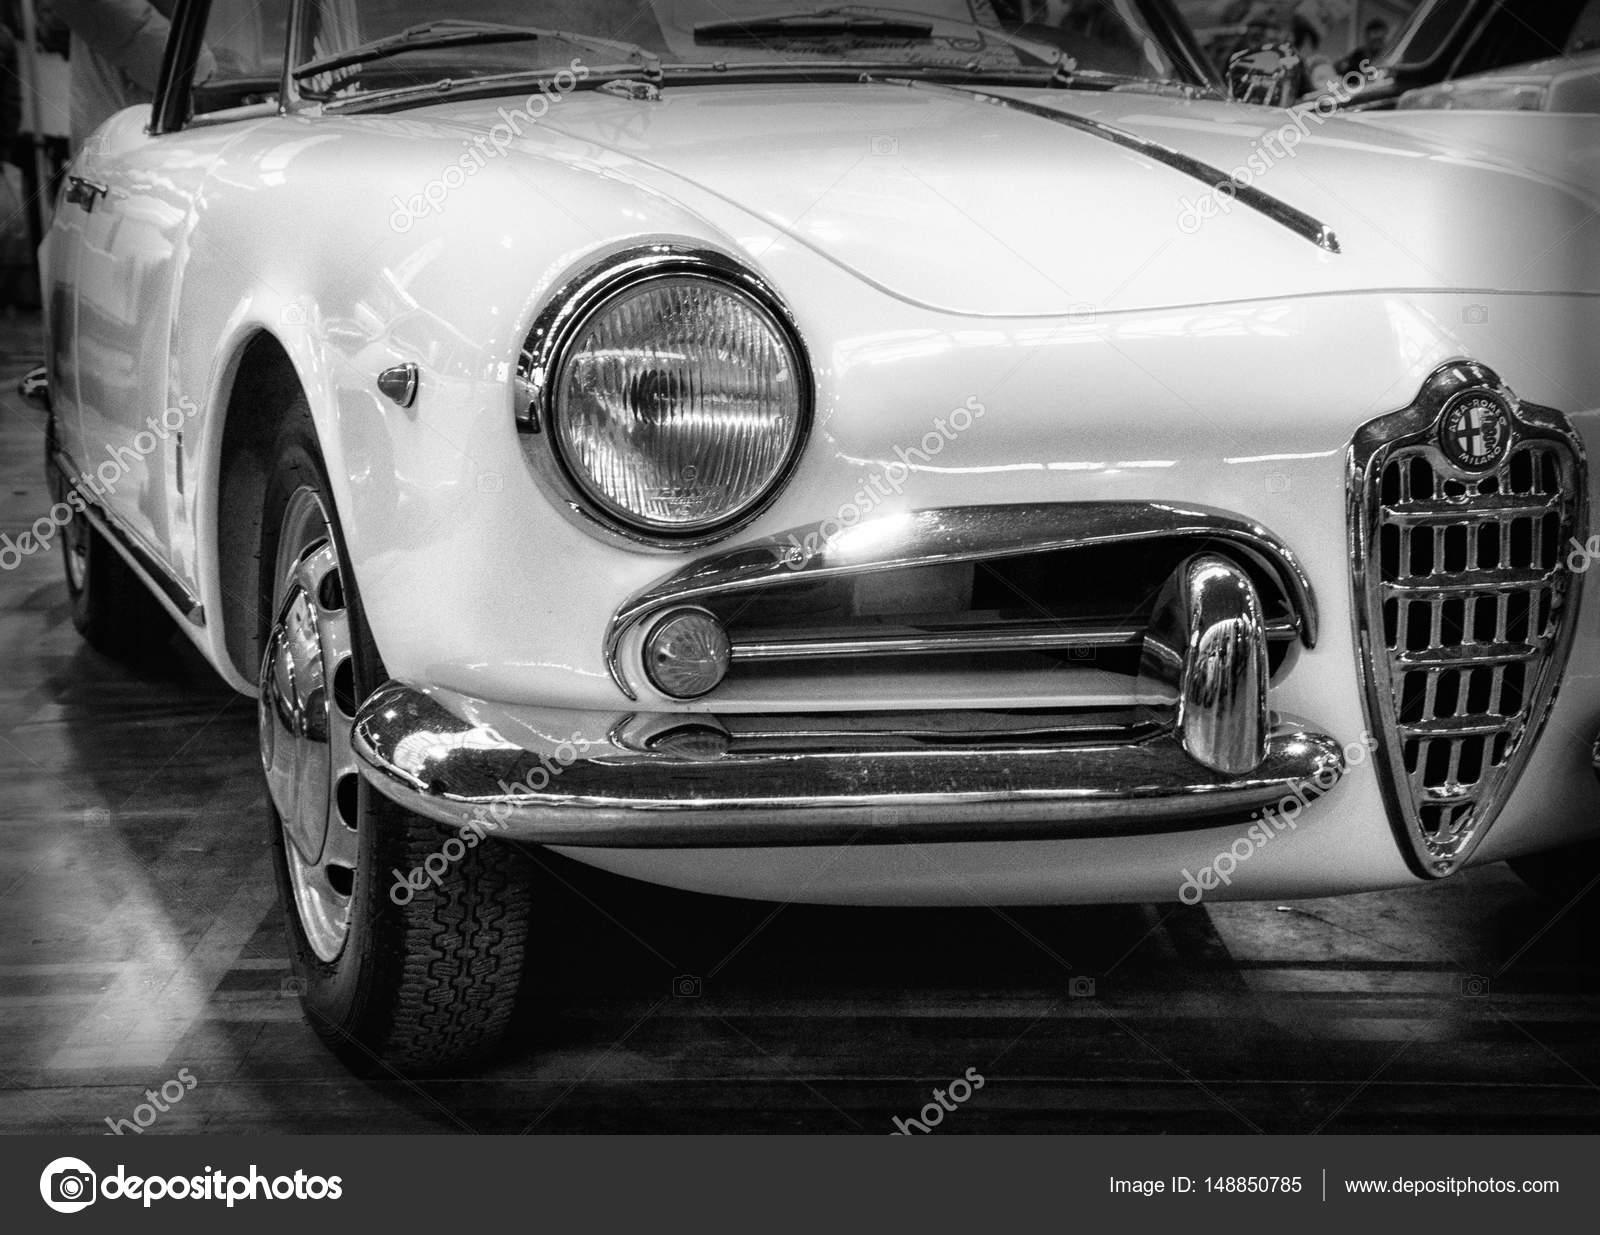 Vintage włoski samoch³d Alfa Romeo Giulietta Spider 1600 Zdjęcie